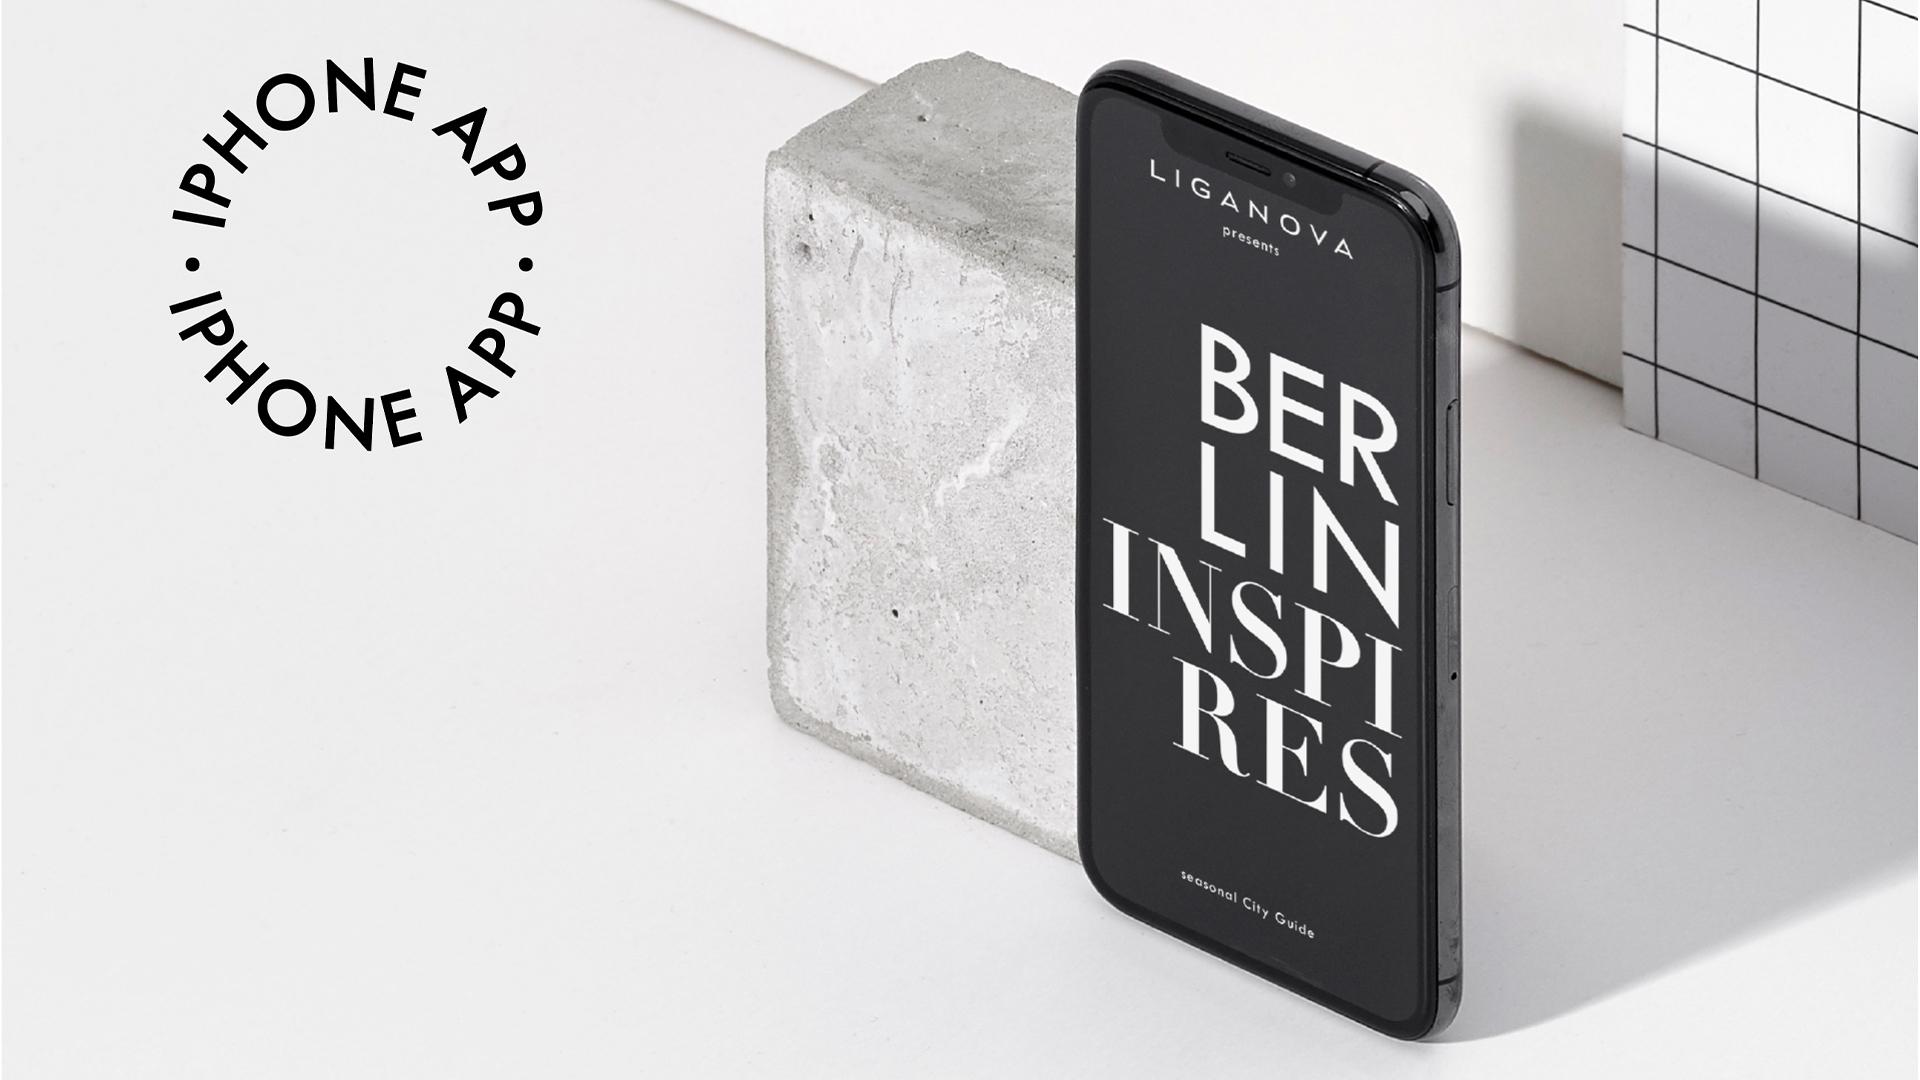 LIGANOVA | Berlin Inspires App